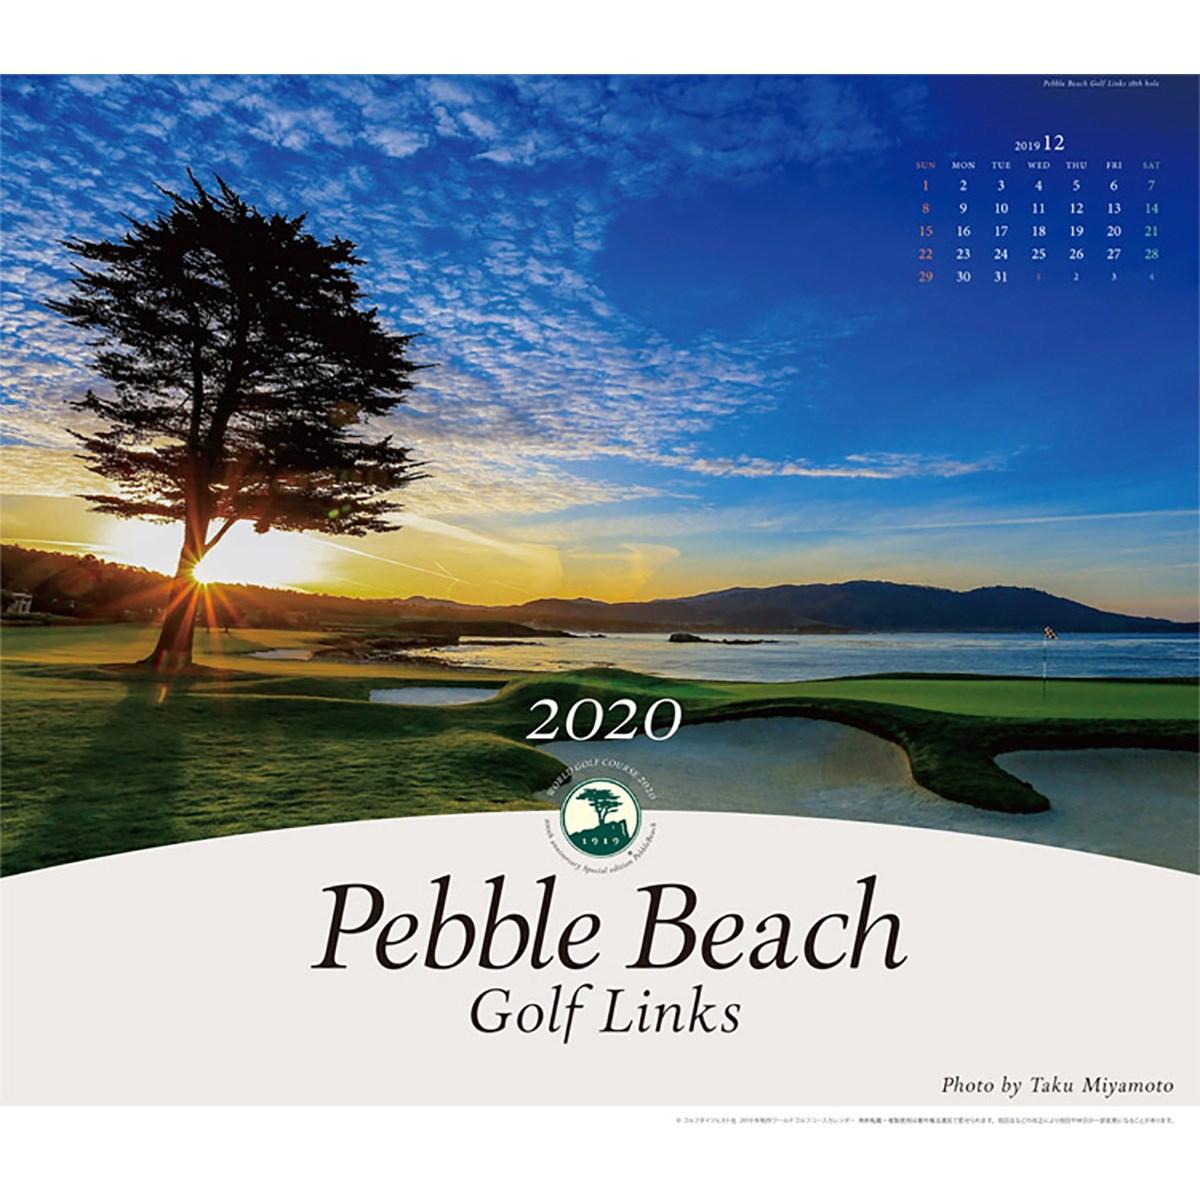 ゴルフダイジェスト(GolfDigest) 2020ワールドゴルフコースカレンダー・ペブルビーチ